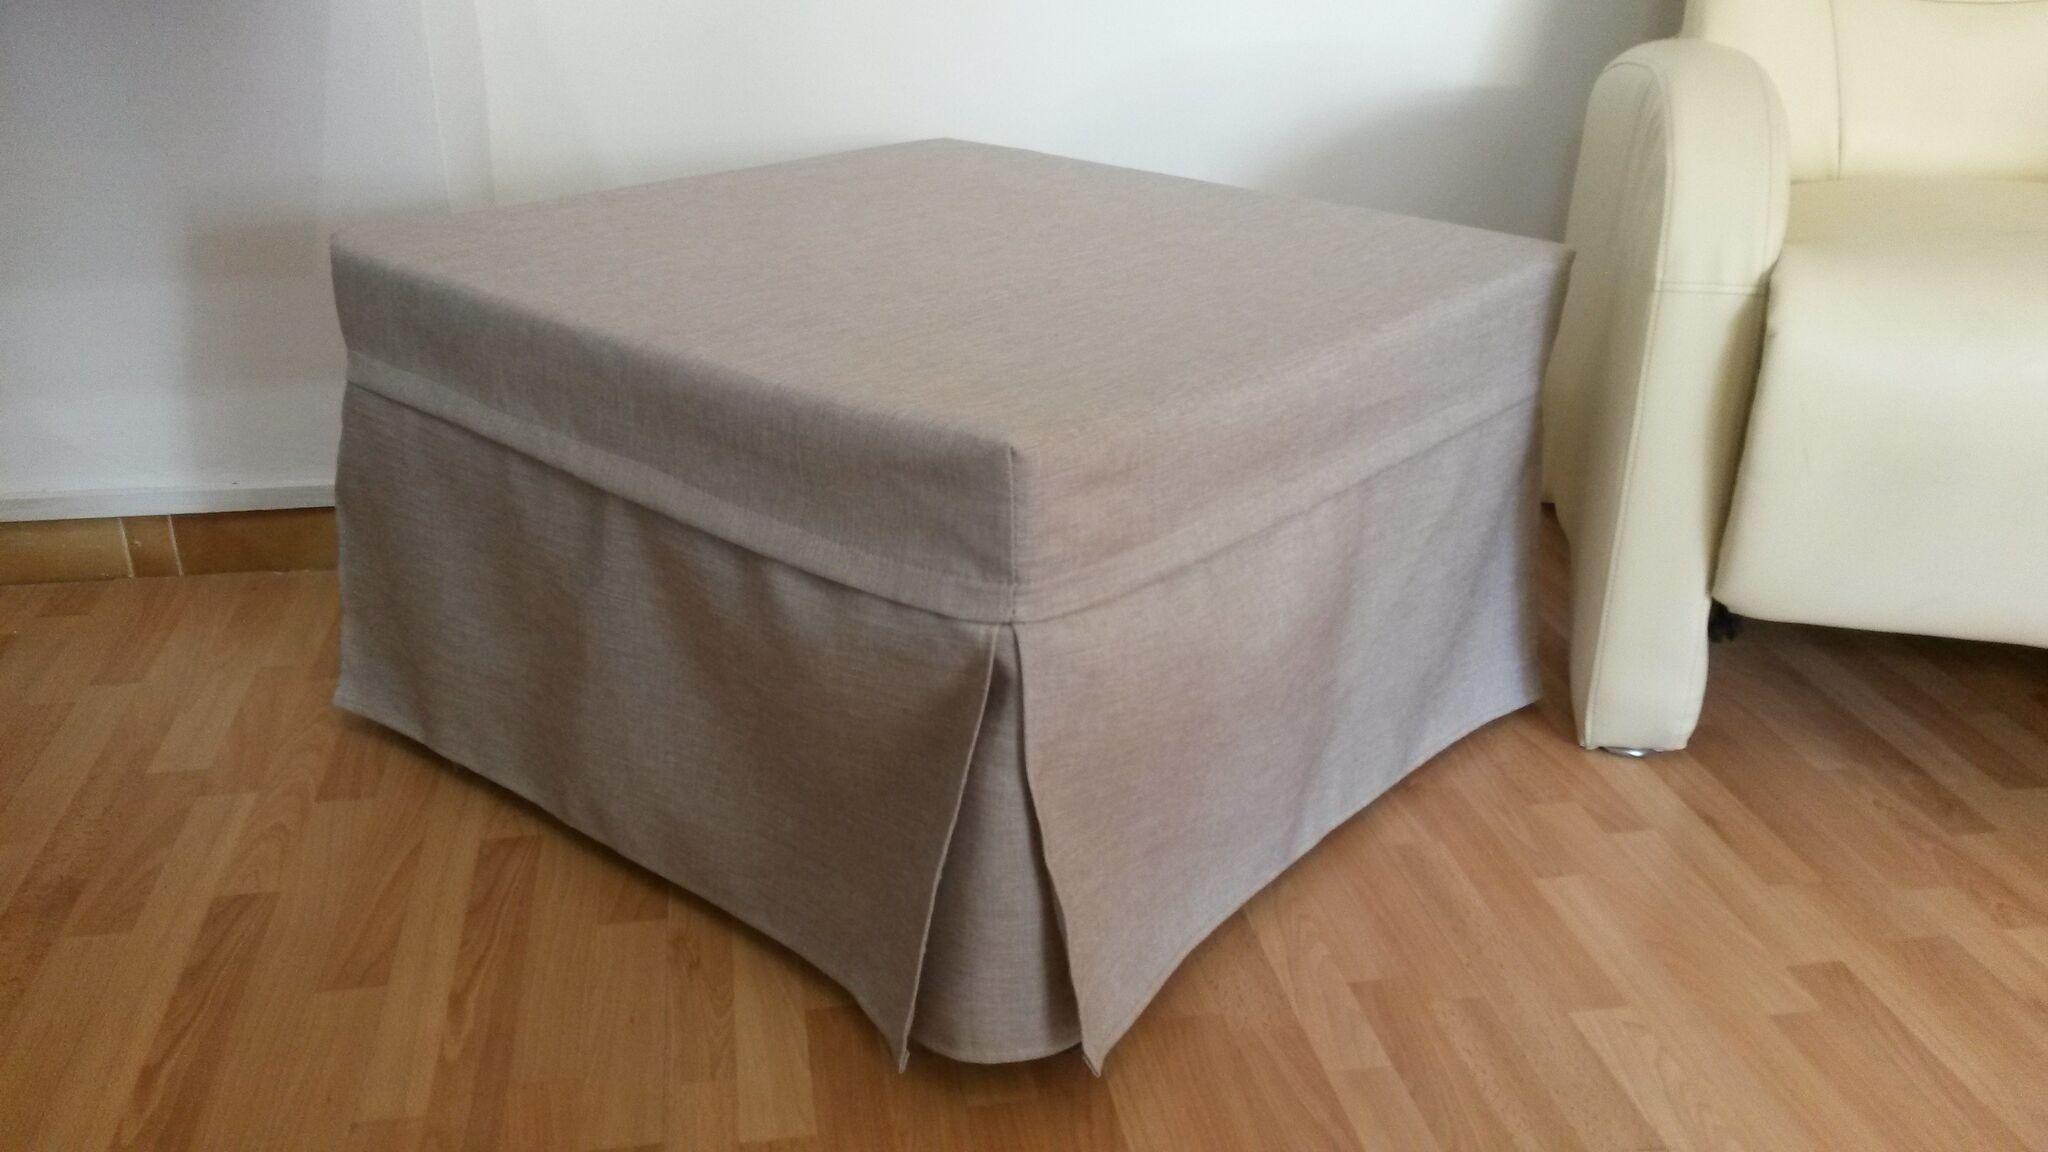 Pouff letto in tessuto facilmente lavabile made in italy for Poltrona pouf letto ikea